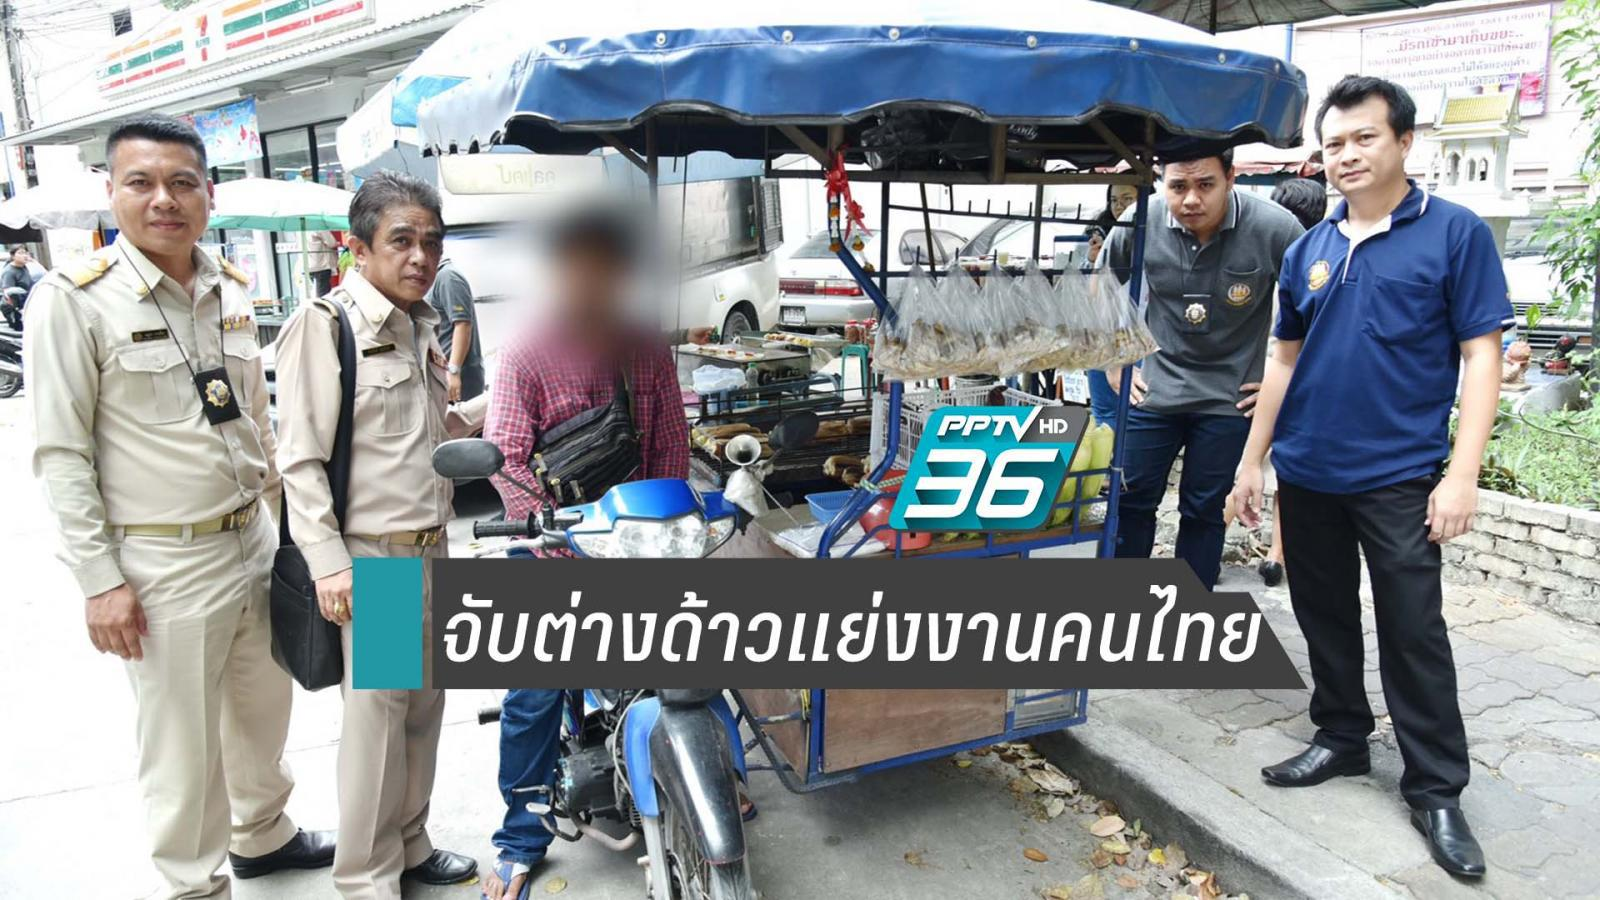 เดินหน้า! จับแรงงานต่างด้าวแย่งอาชีพคนไทย 1,763 คน